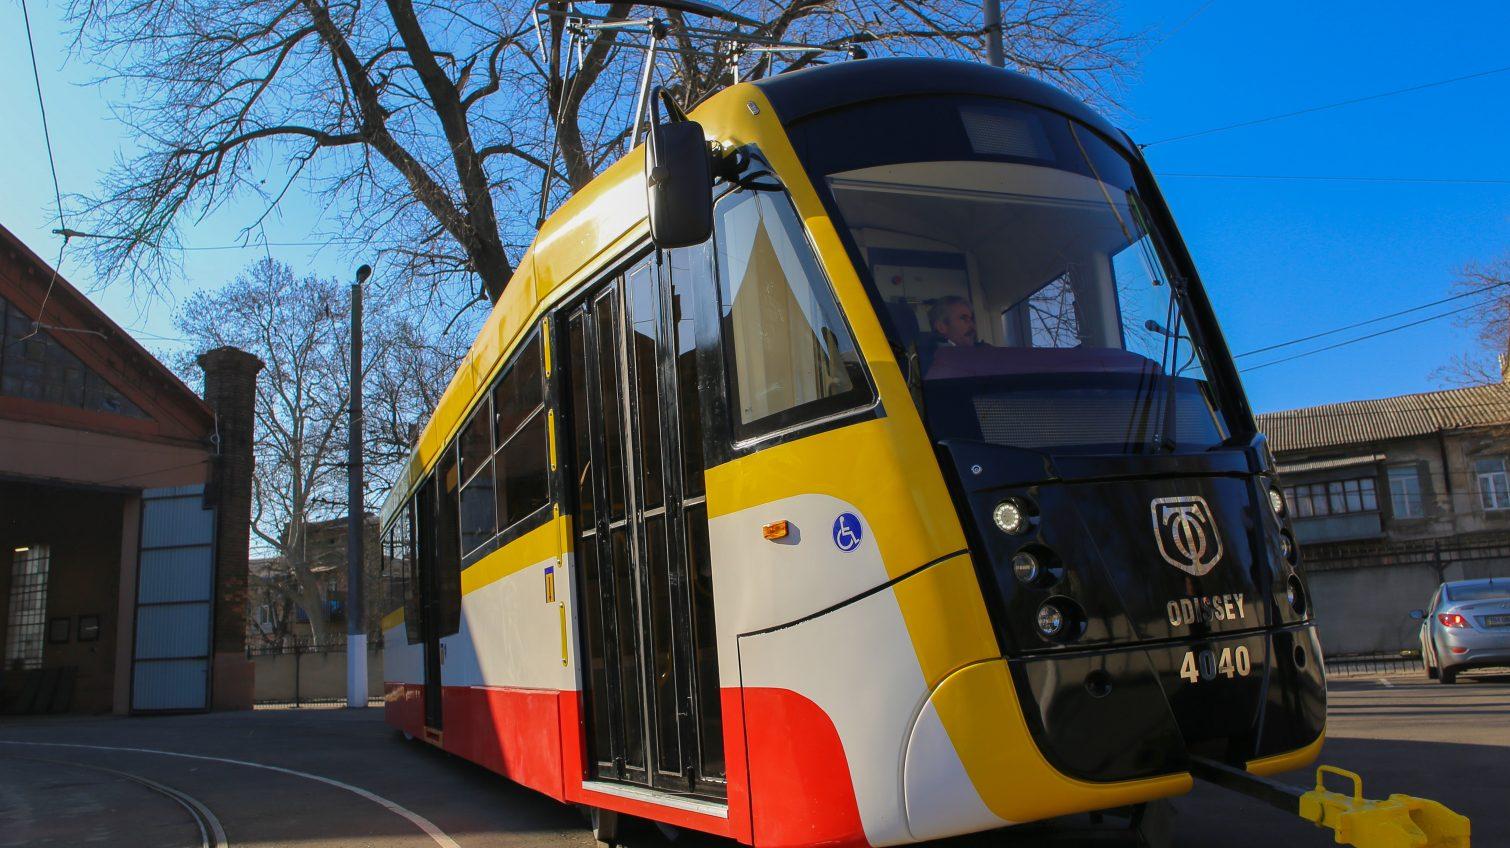 В Одессе презентовали очередной серийный трамвай Odissey (фото) «фото»